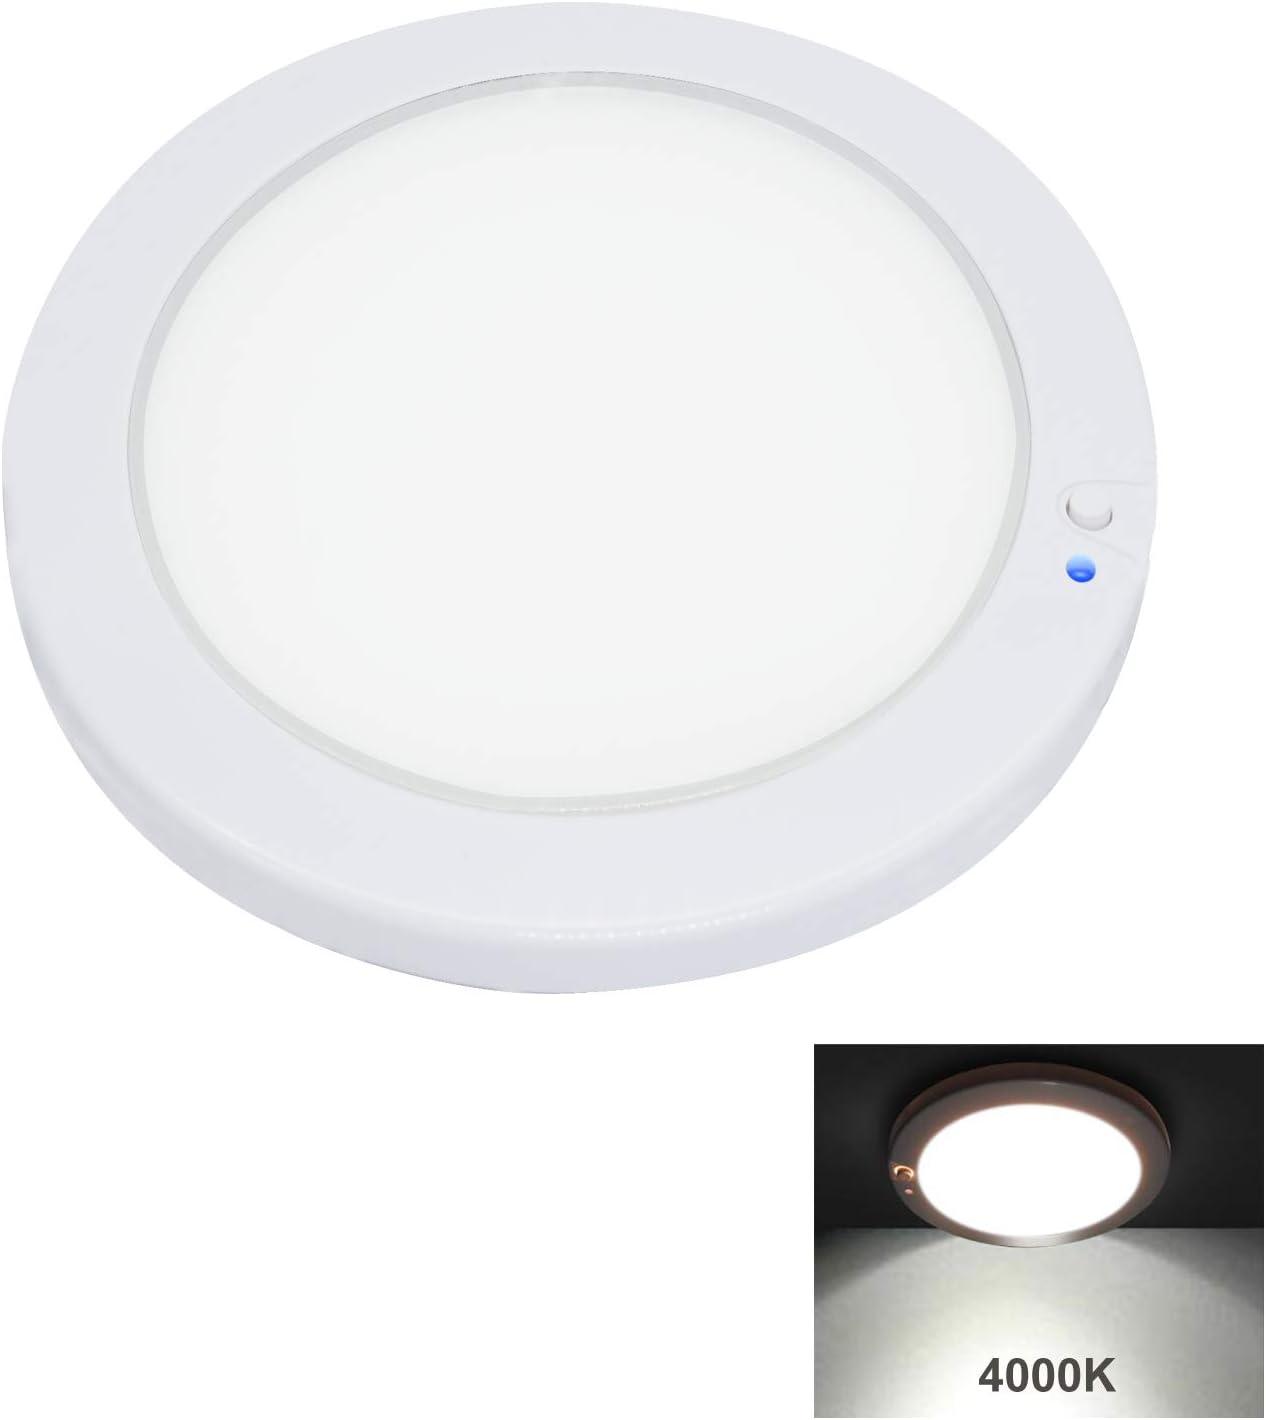 Facon 12.5cm Luz del Panel LED de 12V Luz Interior del techo de la pared del techo con atenuador e indicador de encendido / apagado para RV, Autocaravana, Caravana, Barco, Remolque, Marino (4000K)